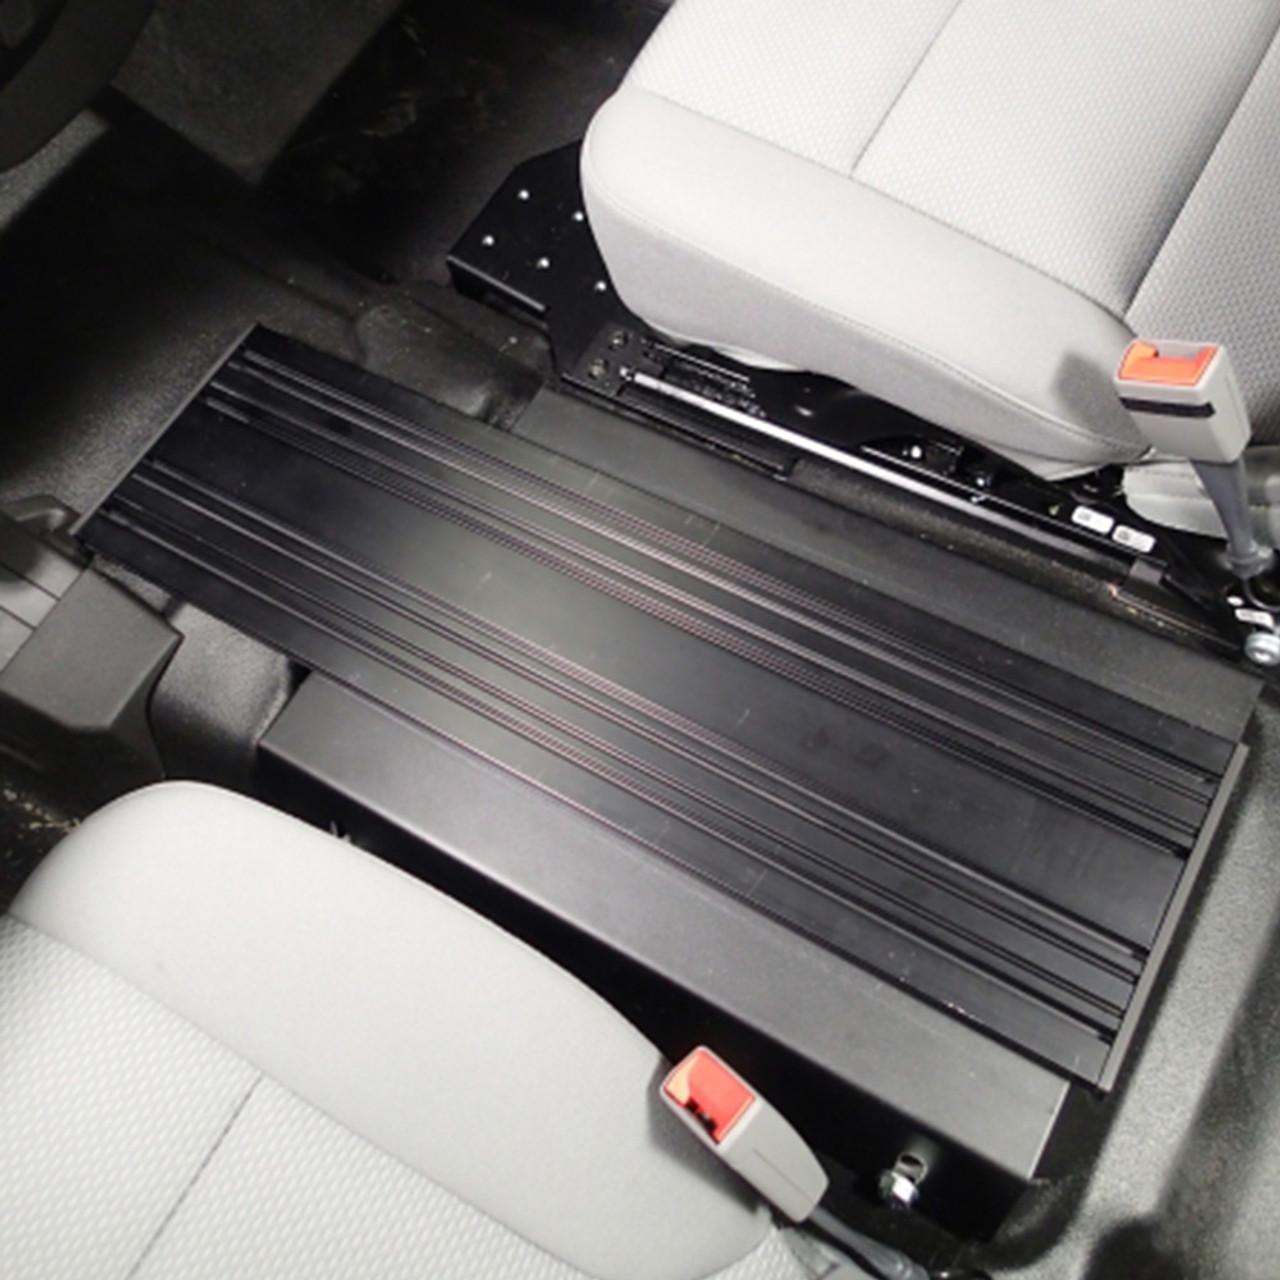 Enjoyable Havis C Tmw Gmc 03 Floor Plate Assembly For 2015 2019 Chevrolet Tahoe 2015 2019 Chevrolet Silverado Pdpeps Interior Chair Design Pdpepsorg